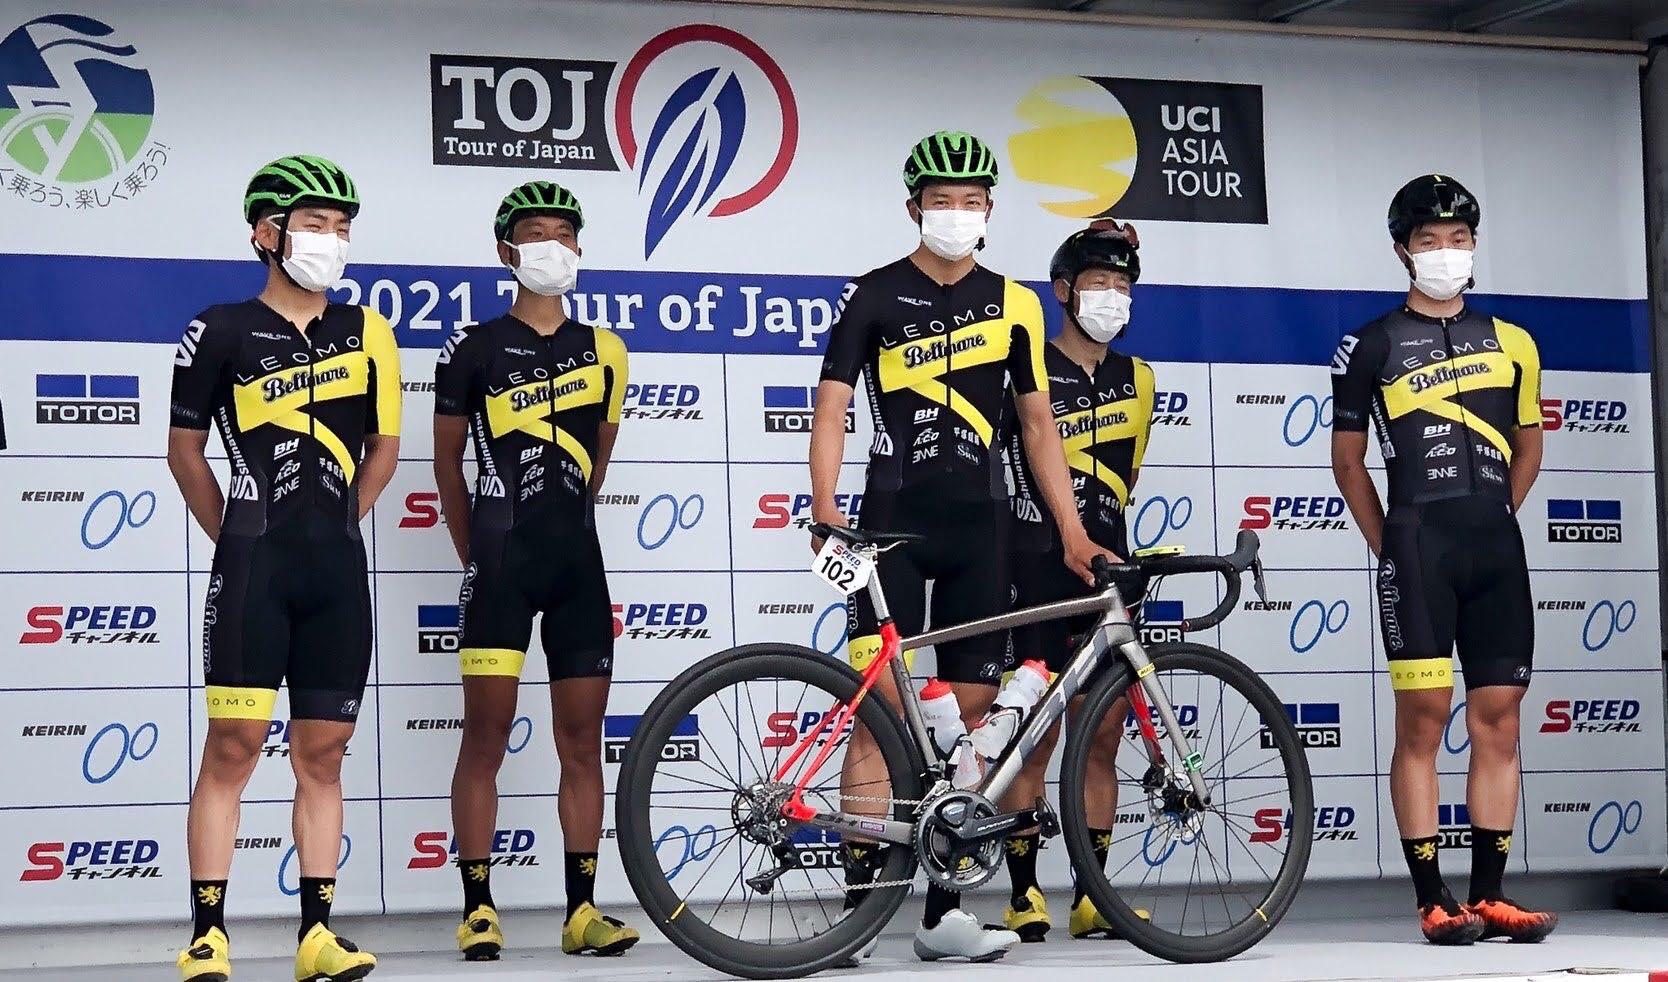 門田選手のレースレポート(Jプロツアー 群馬大会とTOJ)